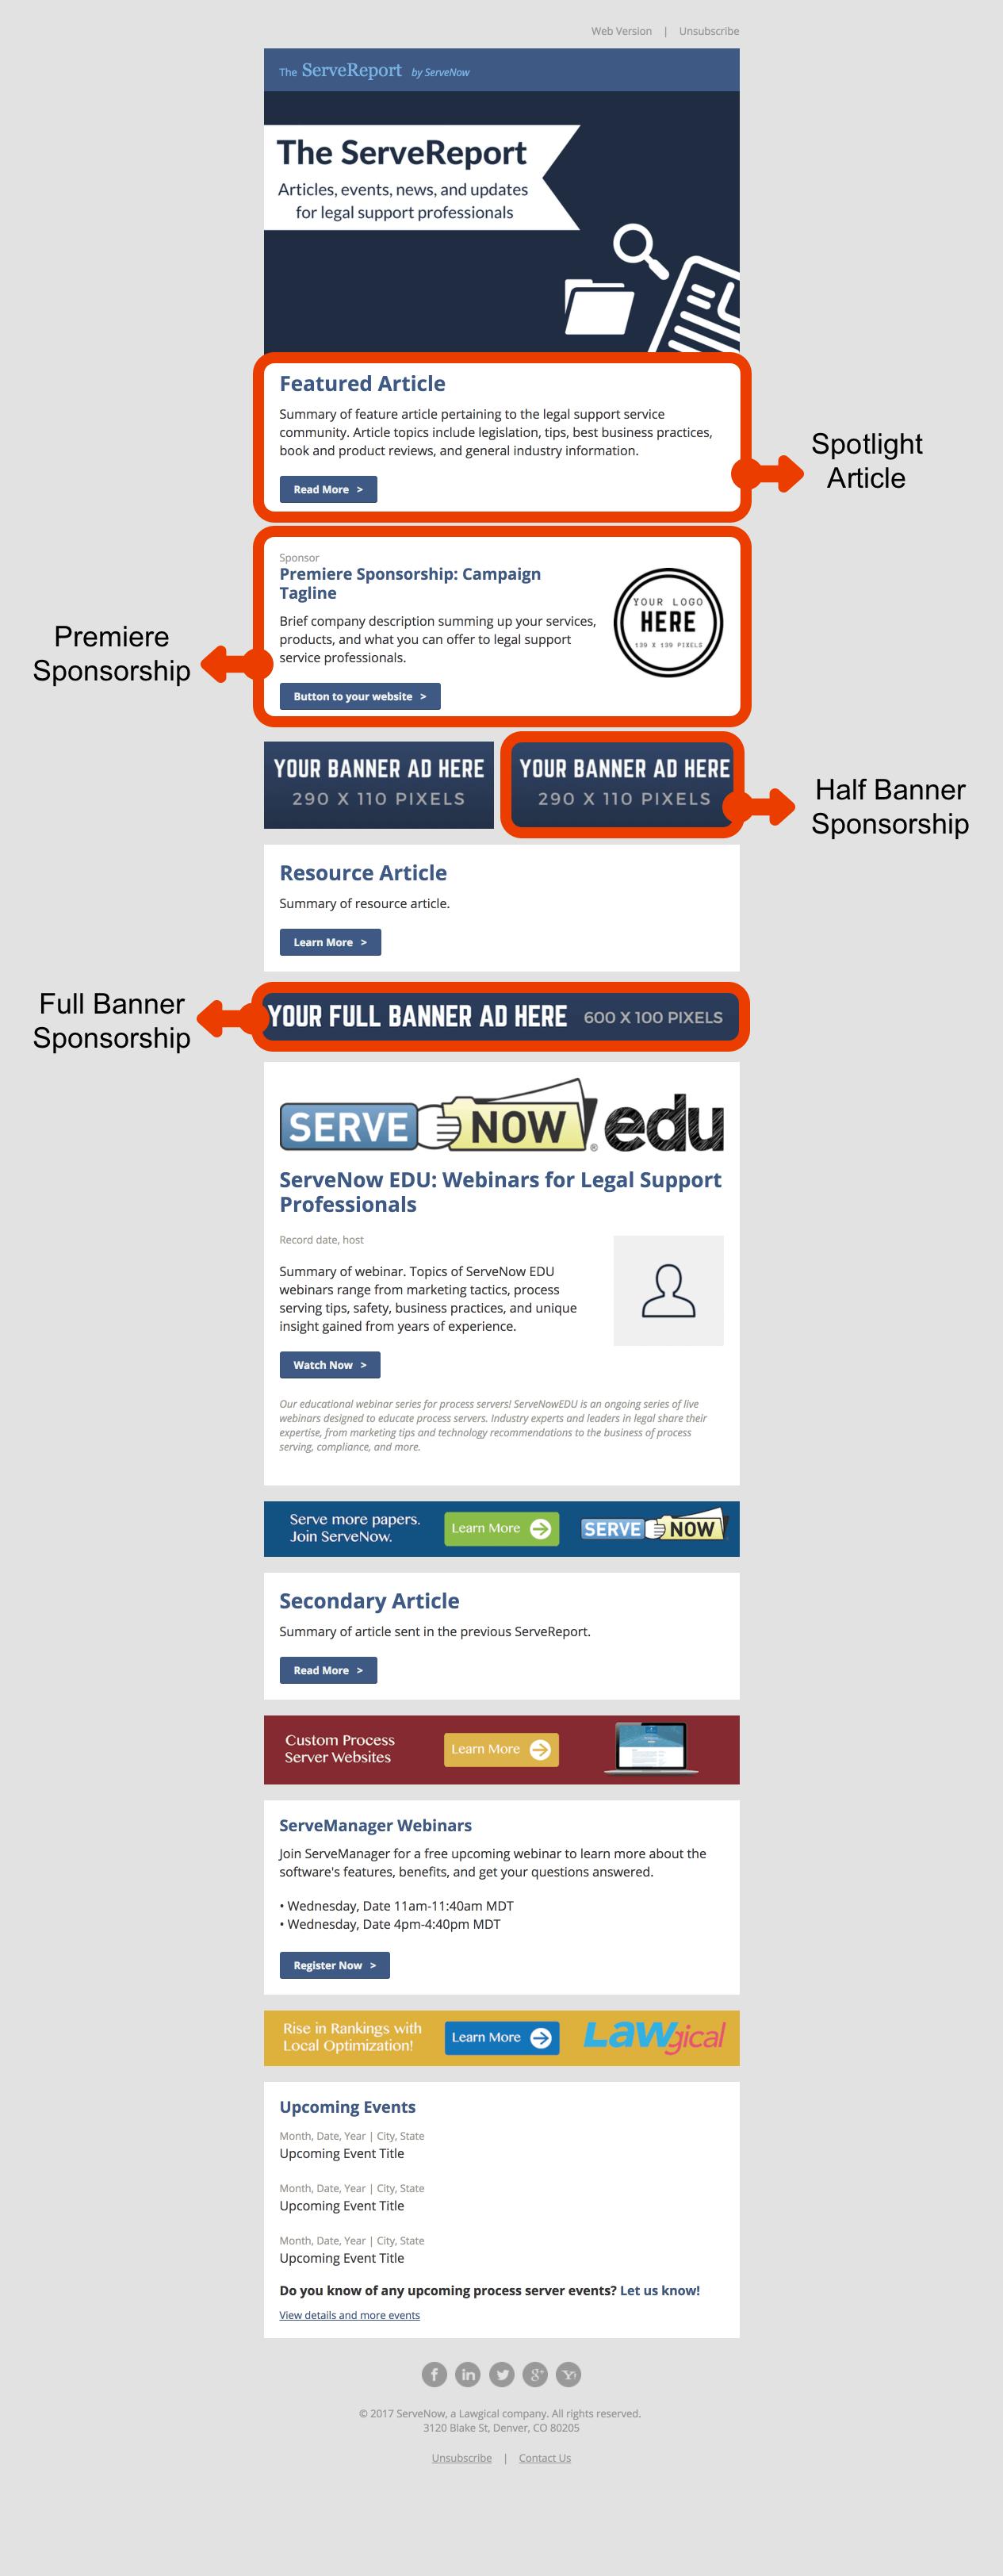 ServeReport Newsletter Example for Sponsorships